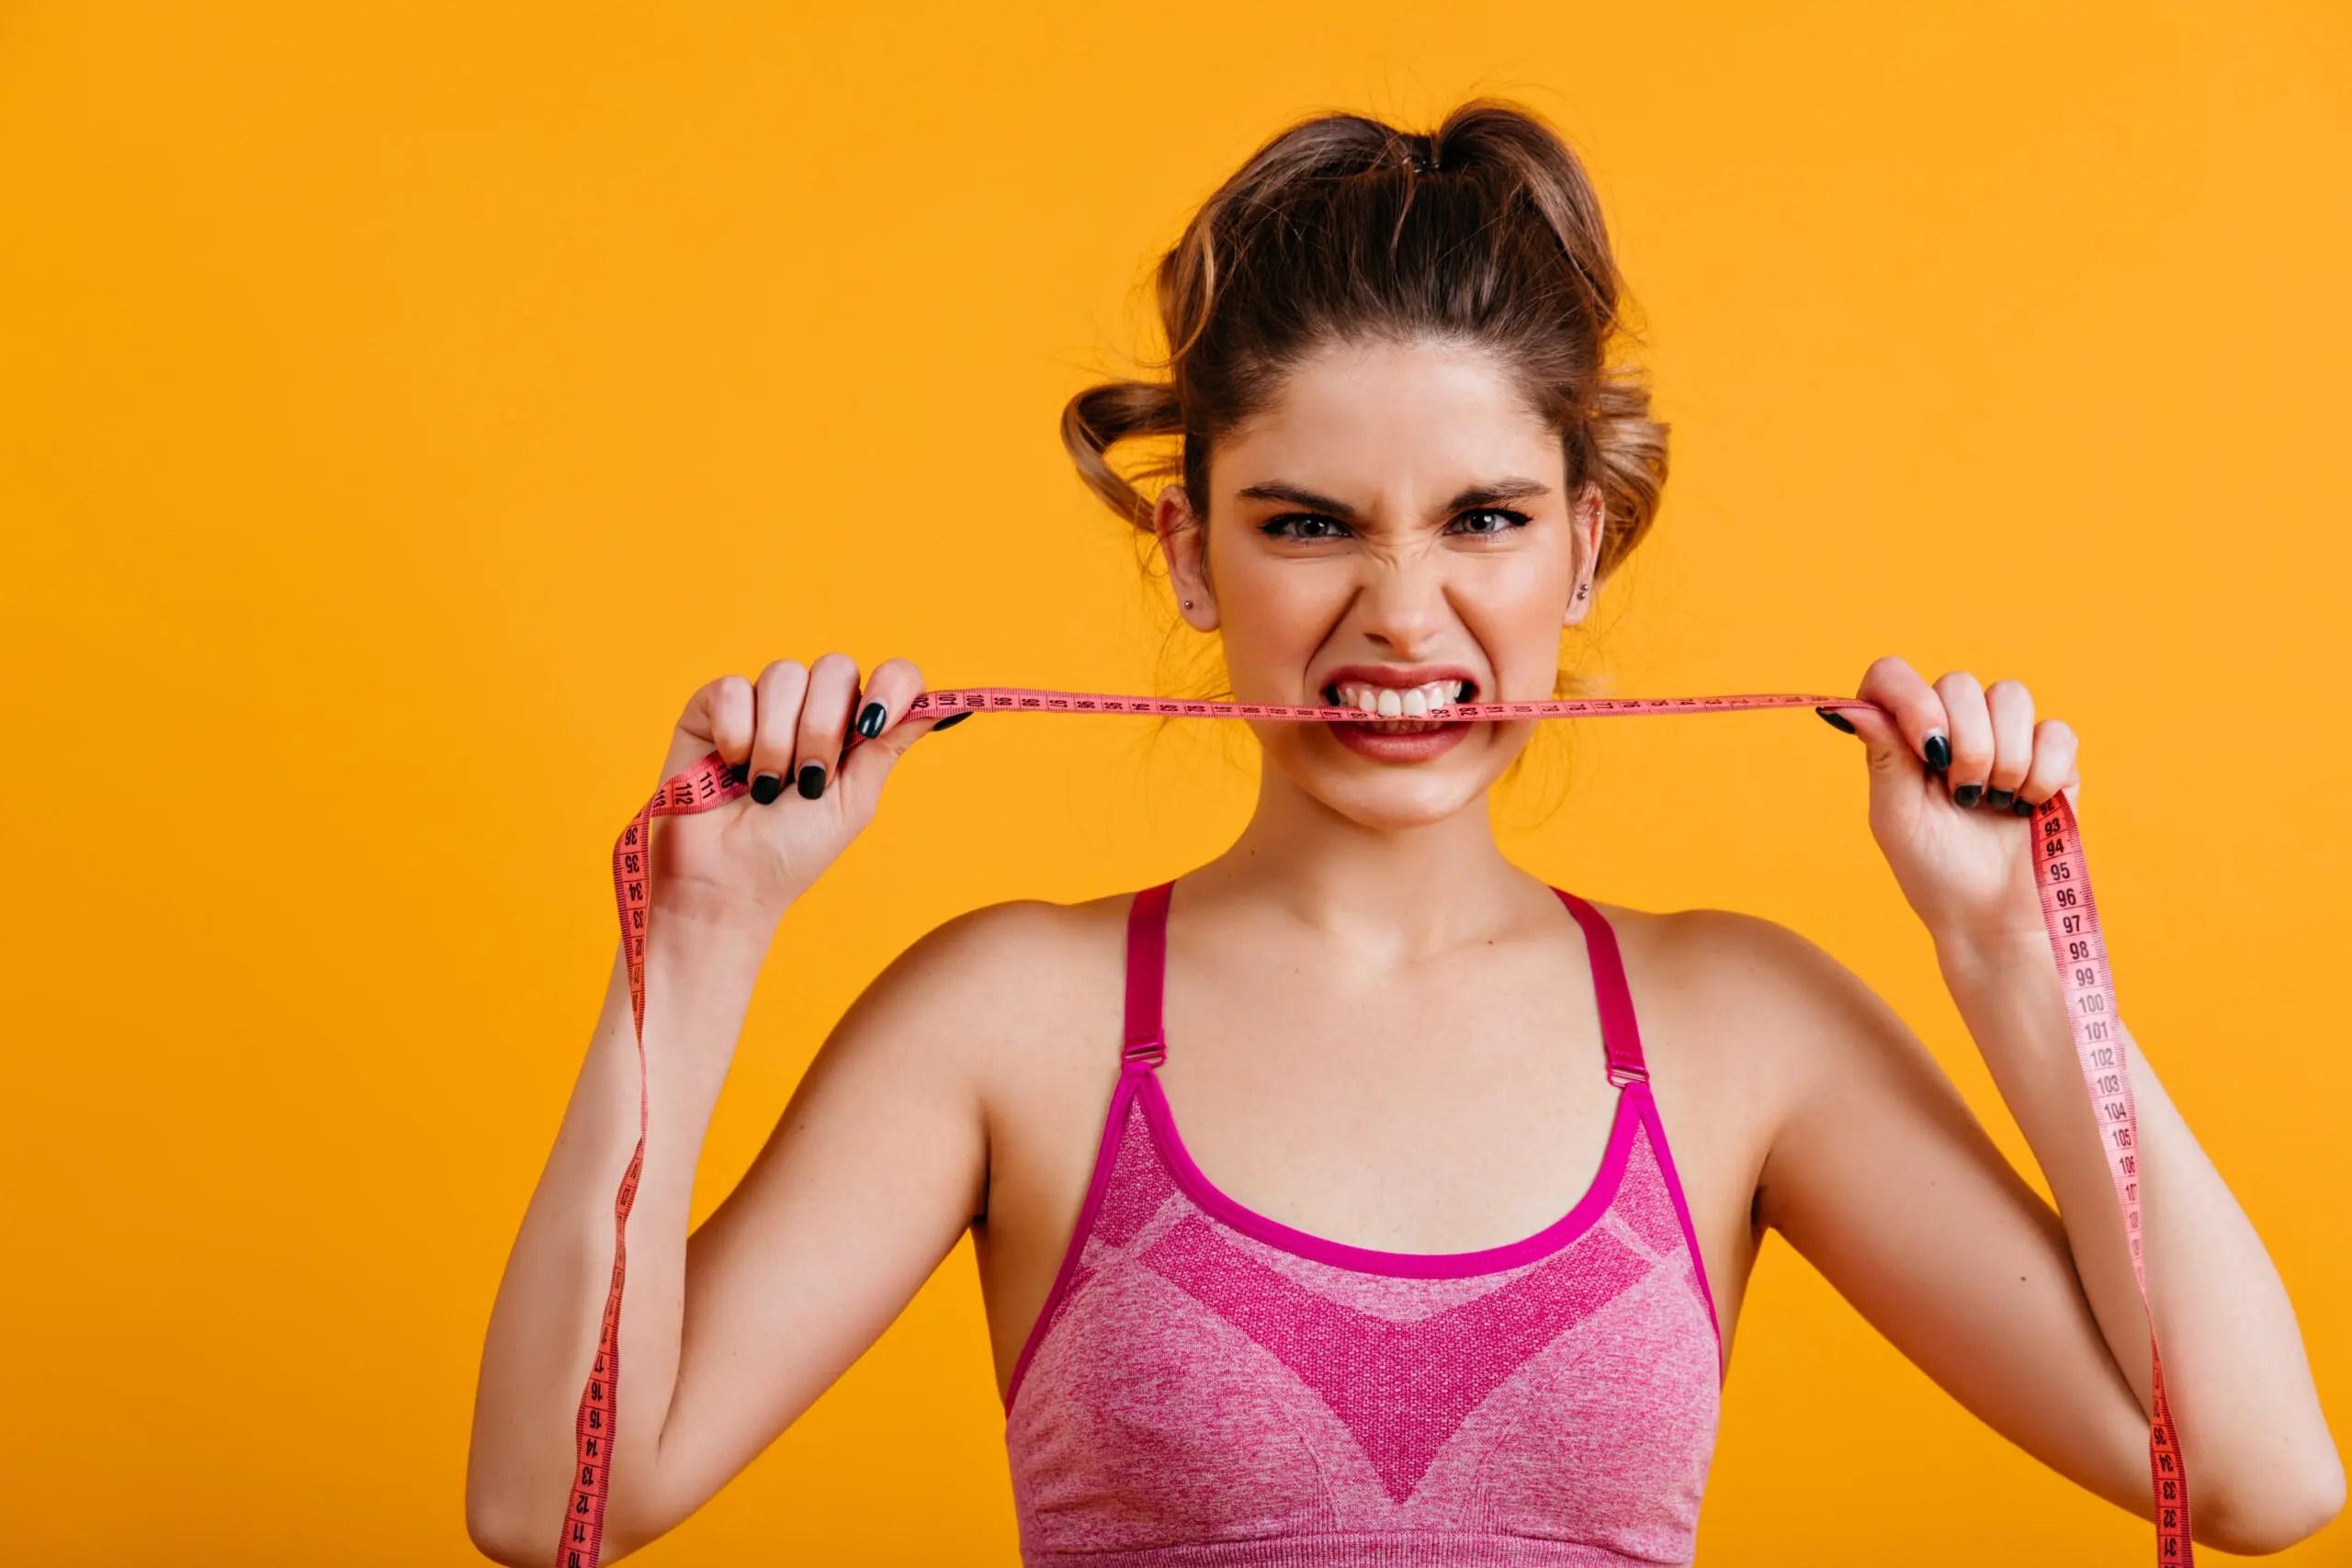 Warum stagniert das Gewicht und was sind die 5 häufigsten Ursachen dafür?